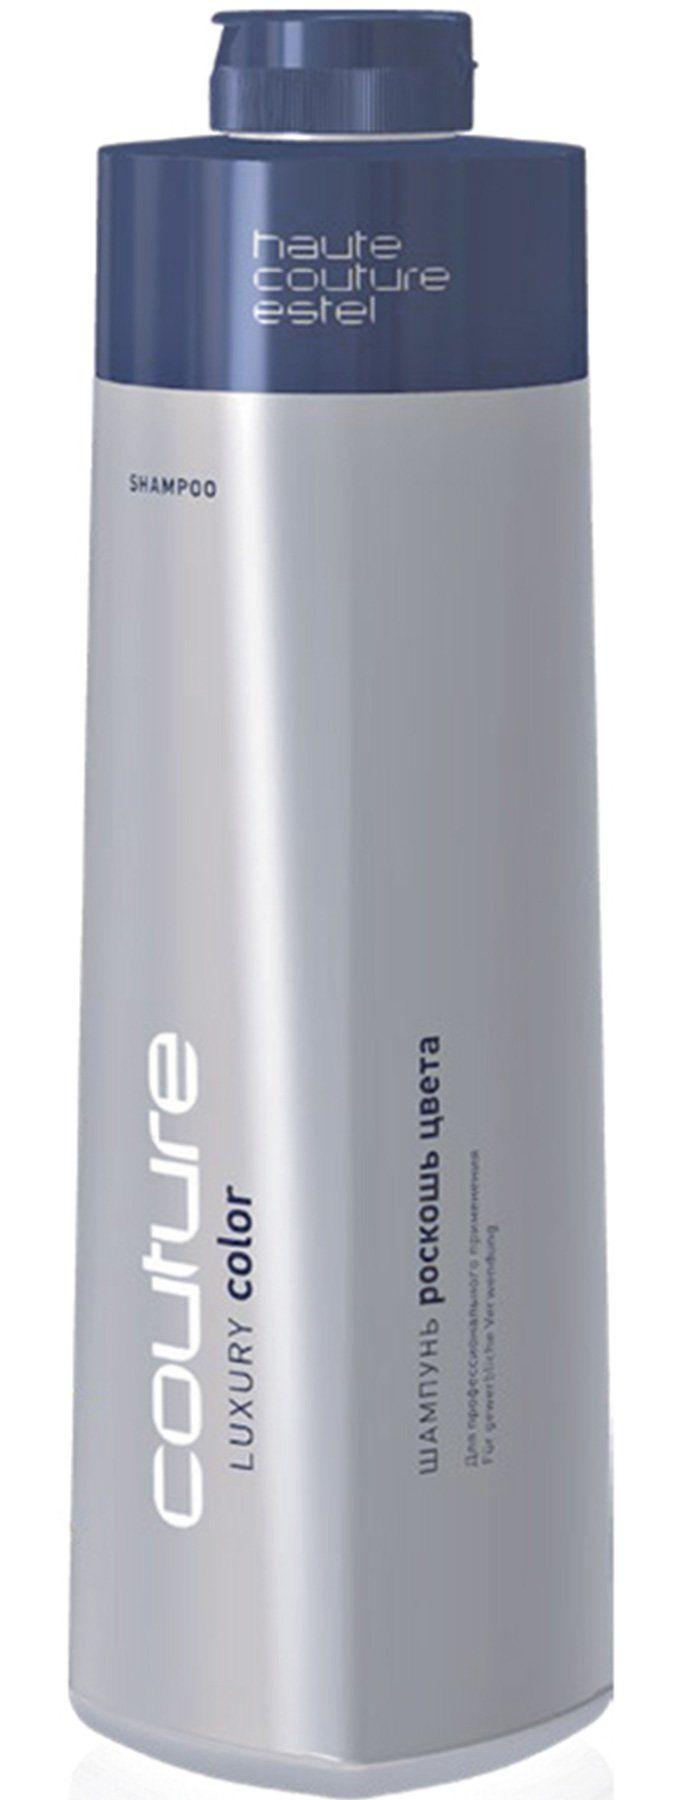 Купить ESTEL HAUTE COUTURE Шампунь для волос / LUXURY COLOR 1000 мл